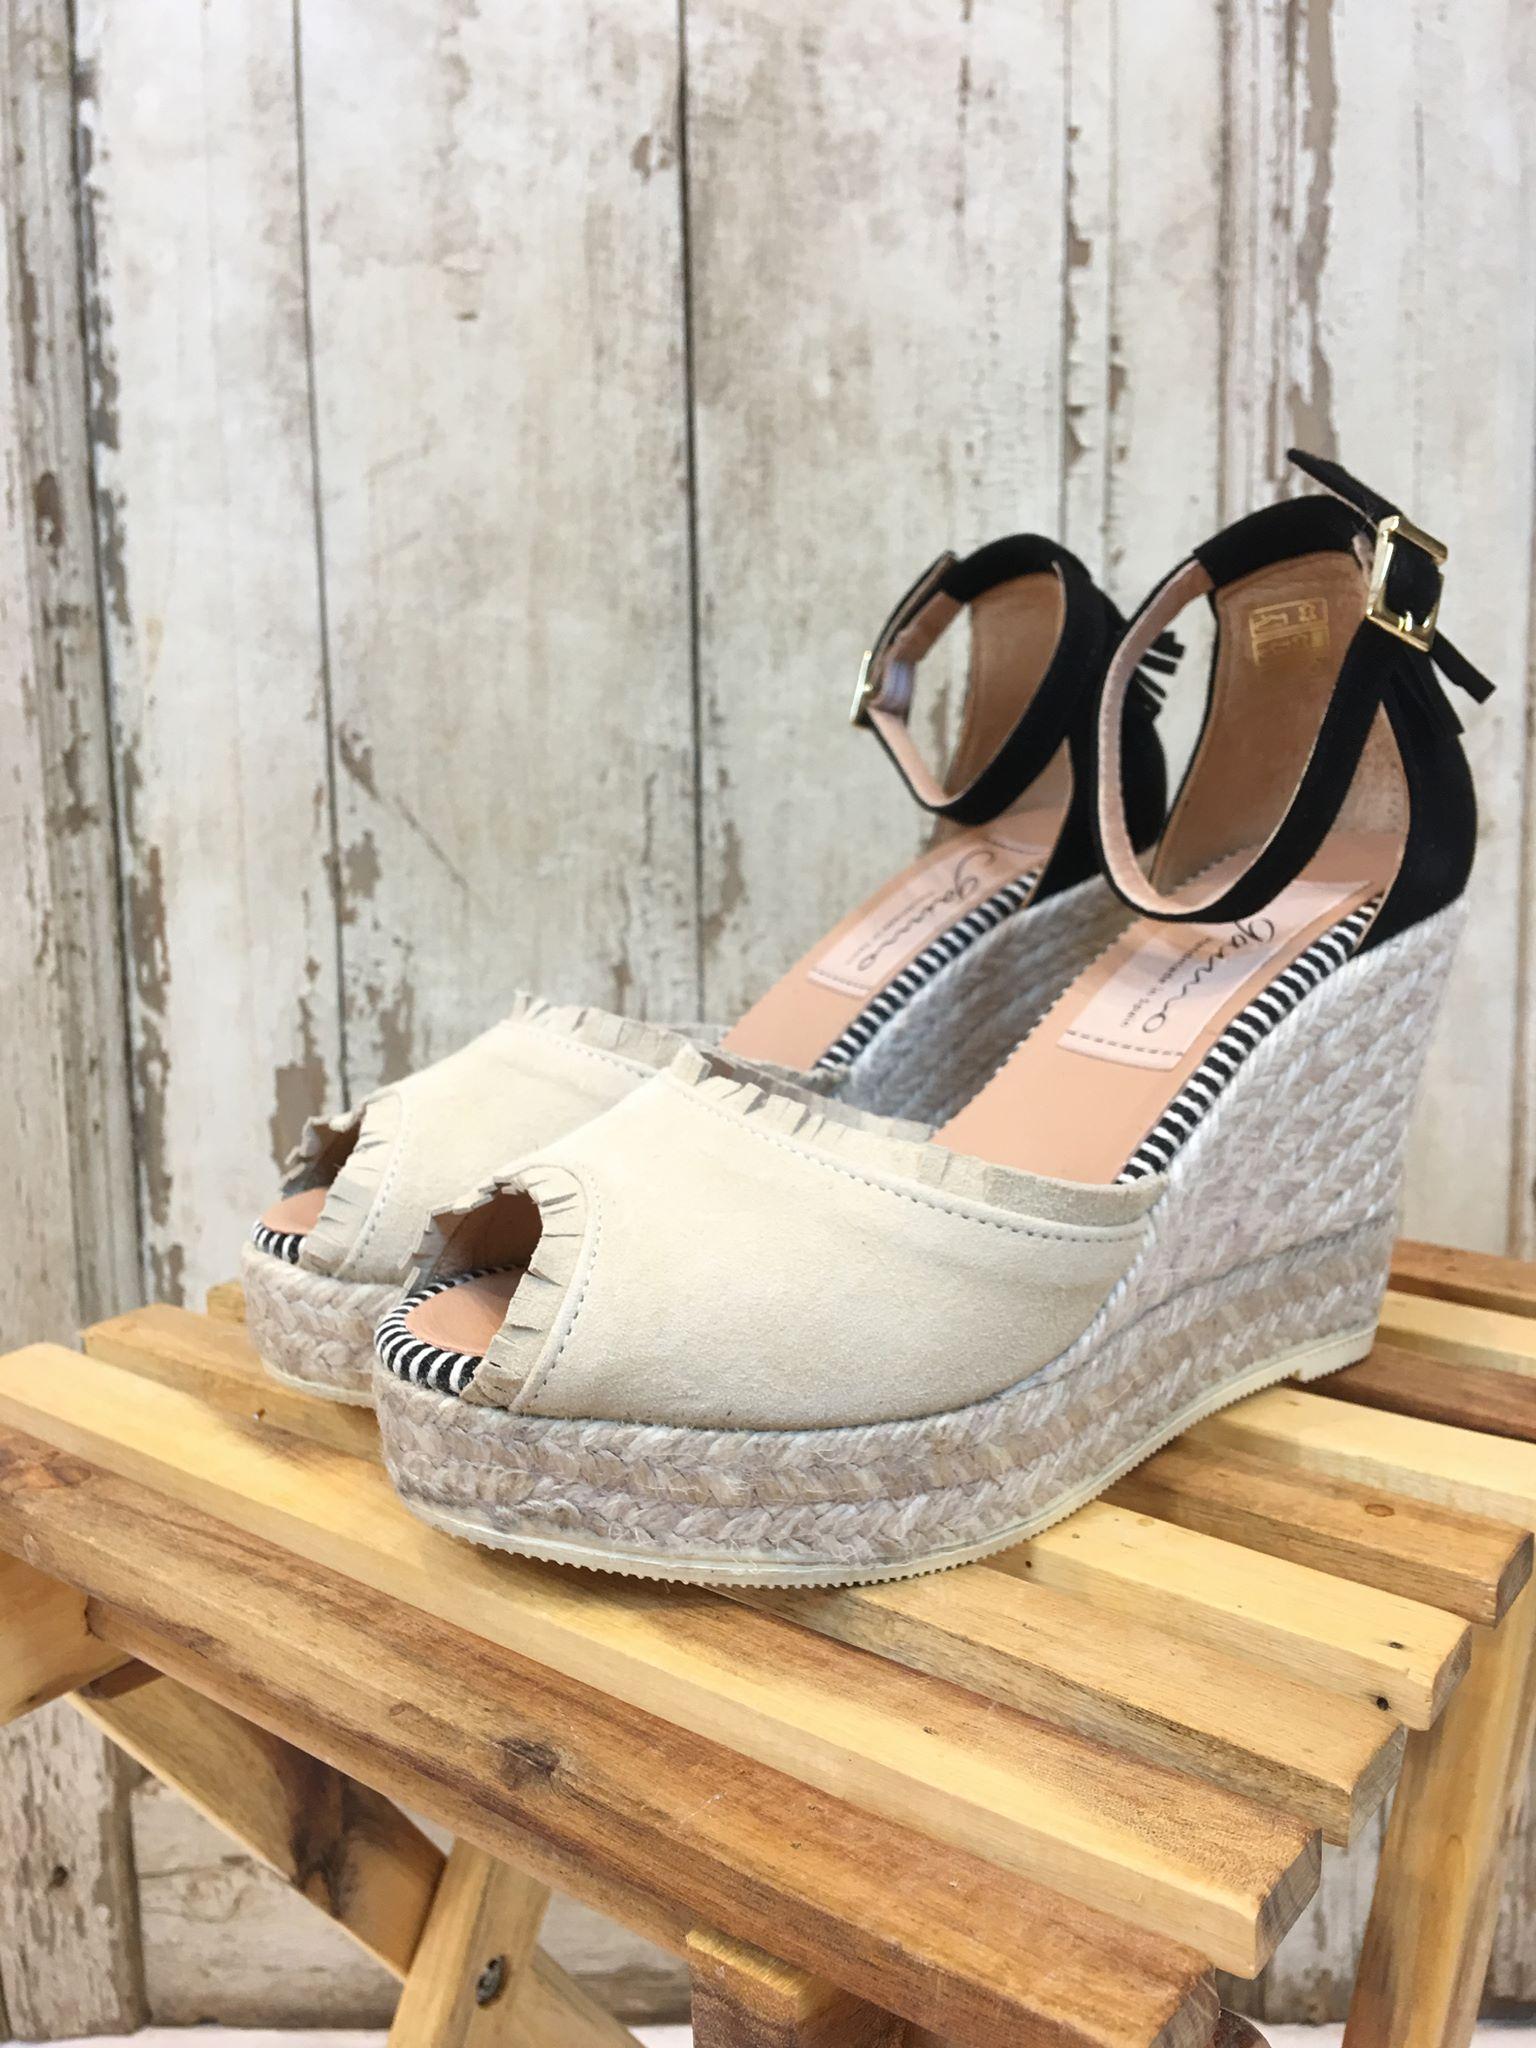 9068a613 Gamio sandaler kilehel. Beige kilehelsandaler i baskt, beige og sort.